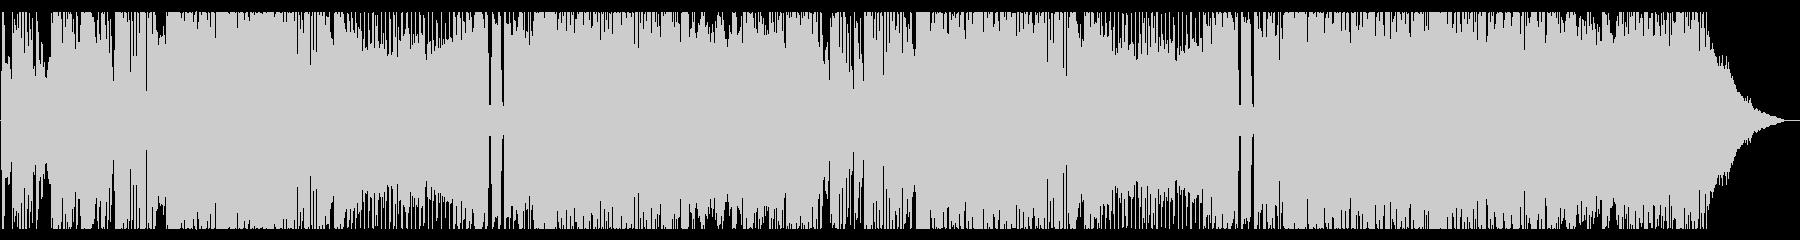 前向きメタル、プログレぽい4つ打ちビートの未再生の波形